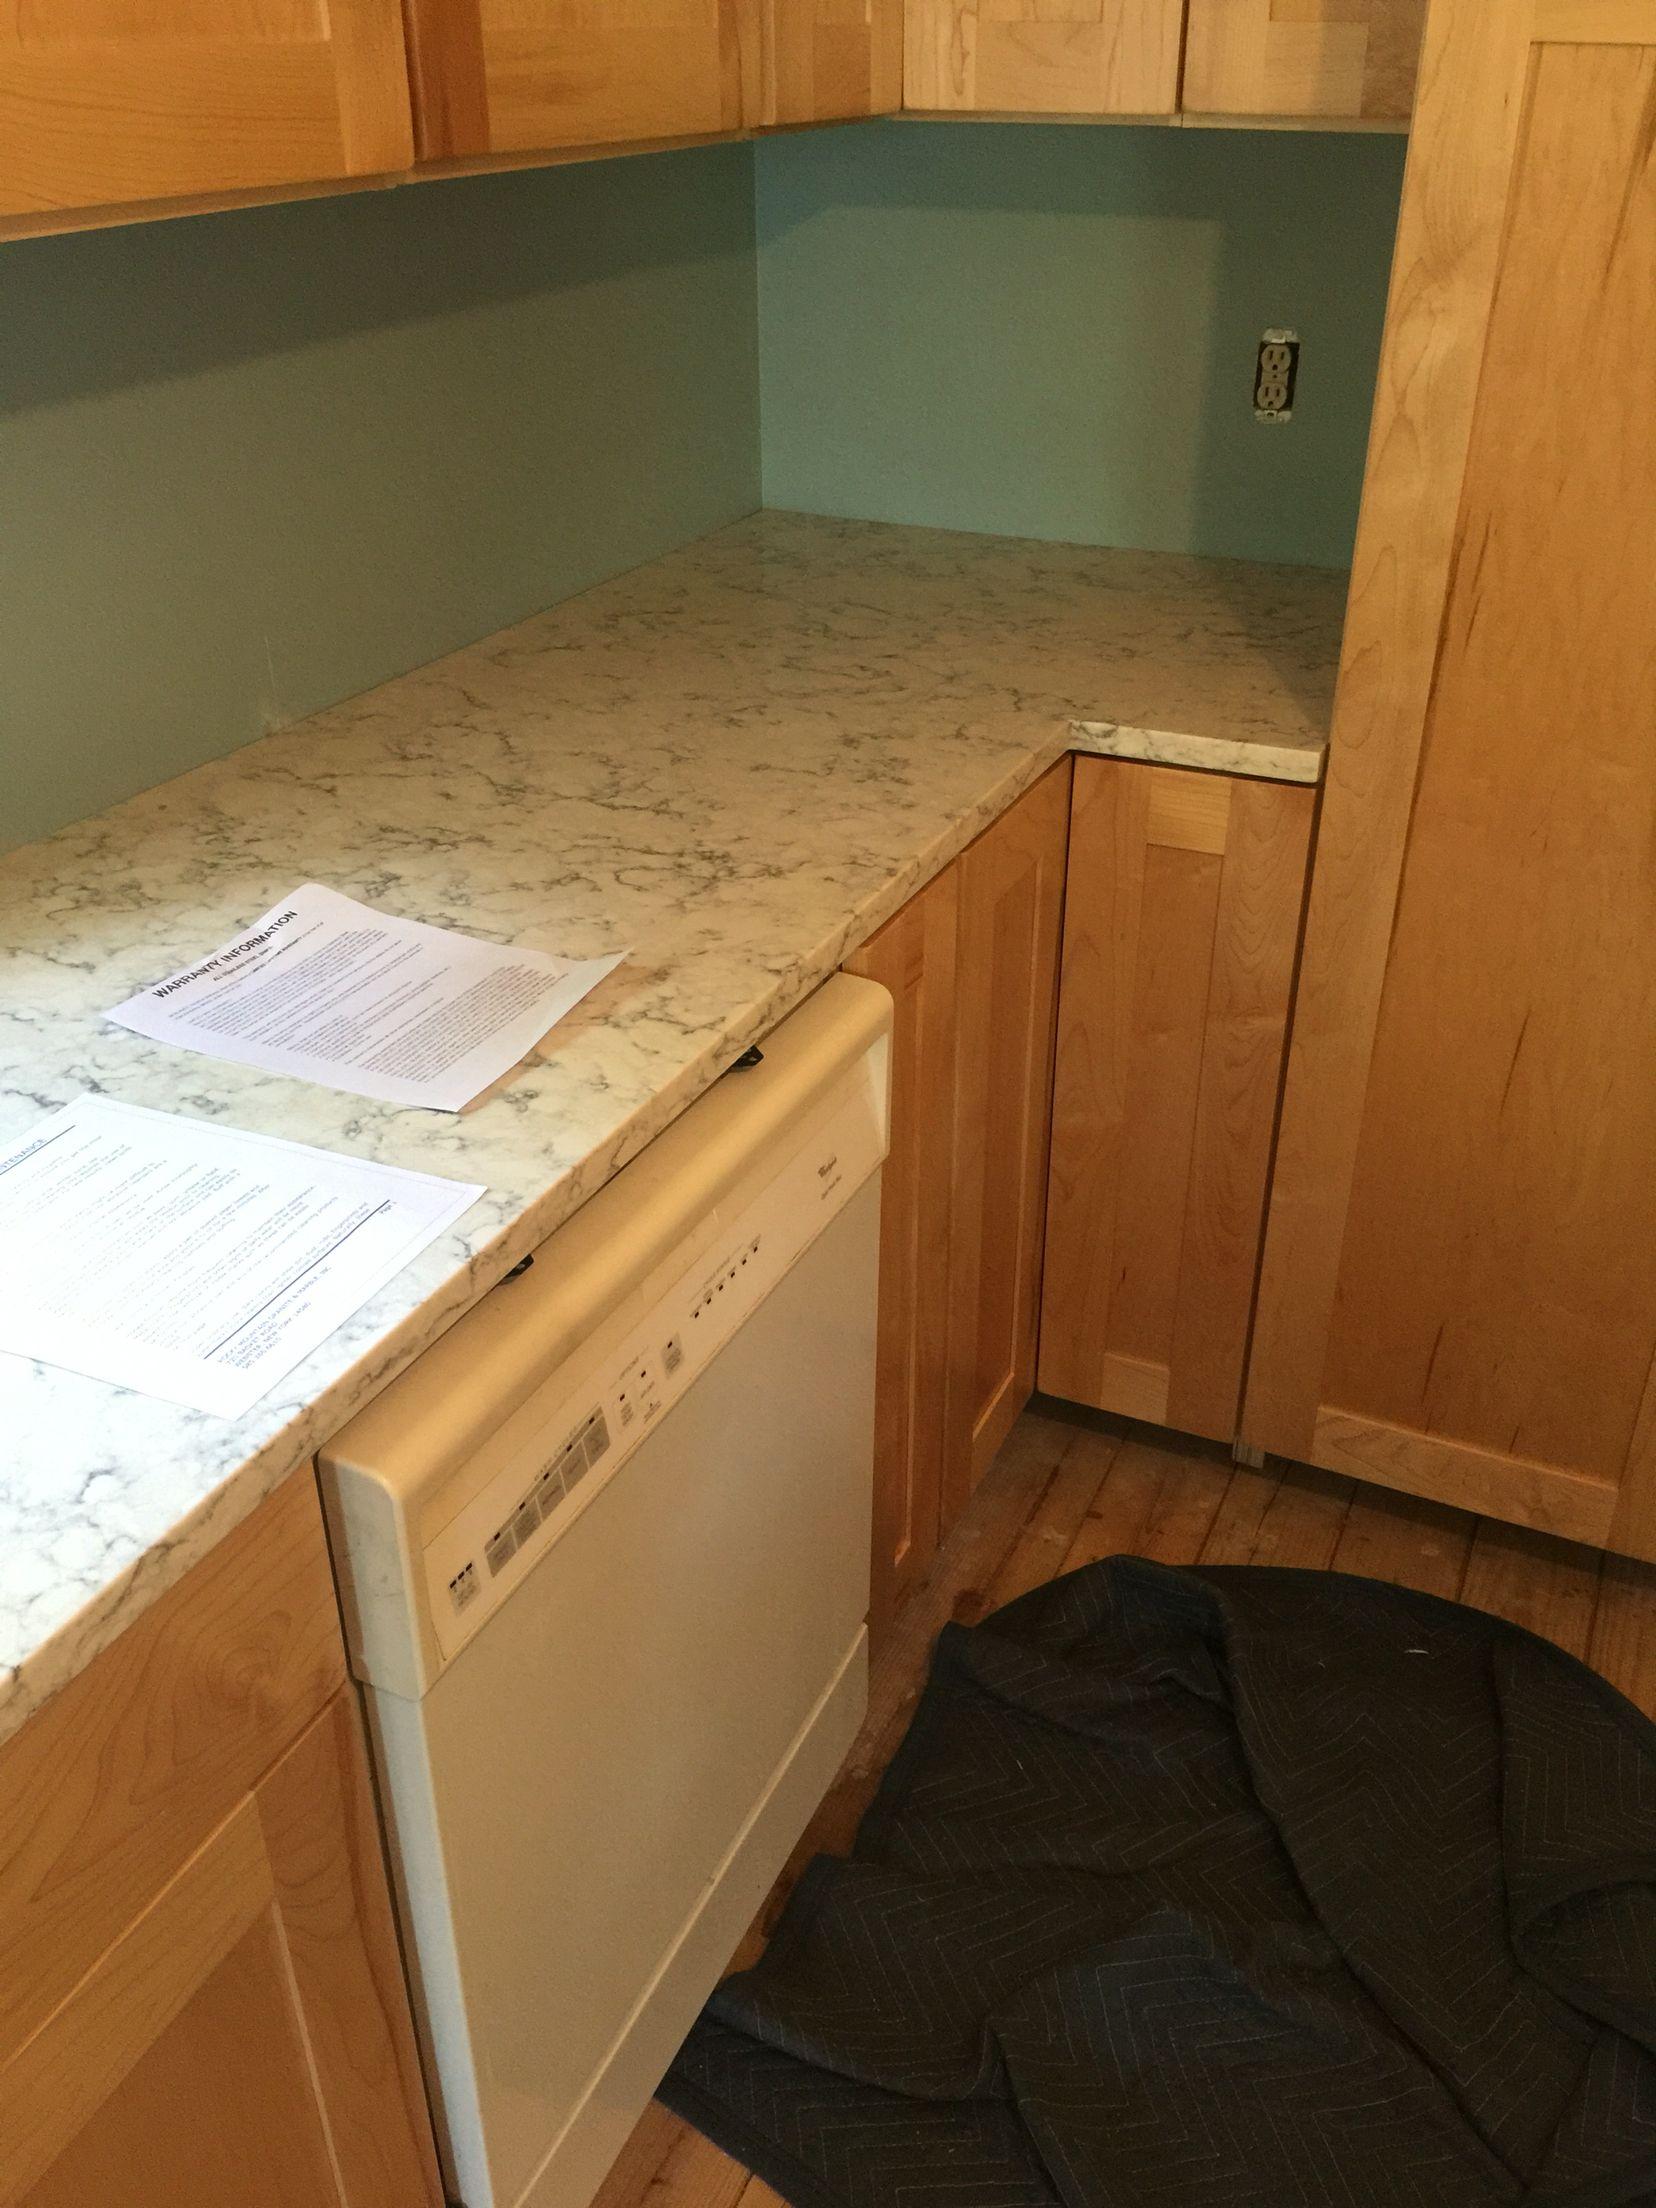 Lg viatera rococo quartz shaker maple cabinets in clear for Maple slab countertop